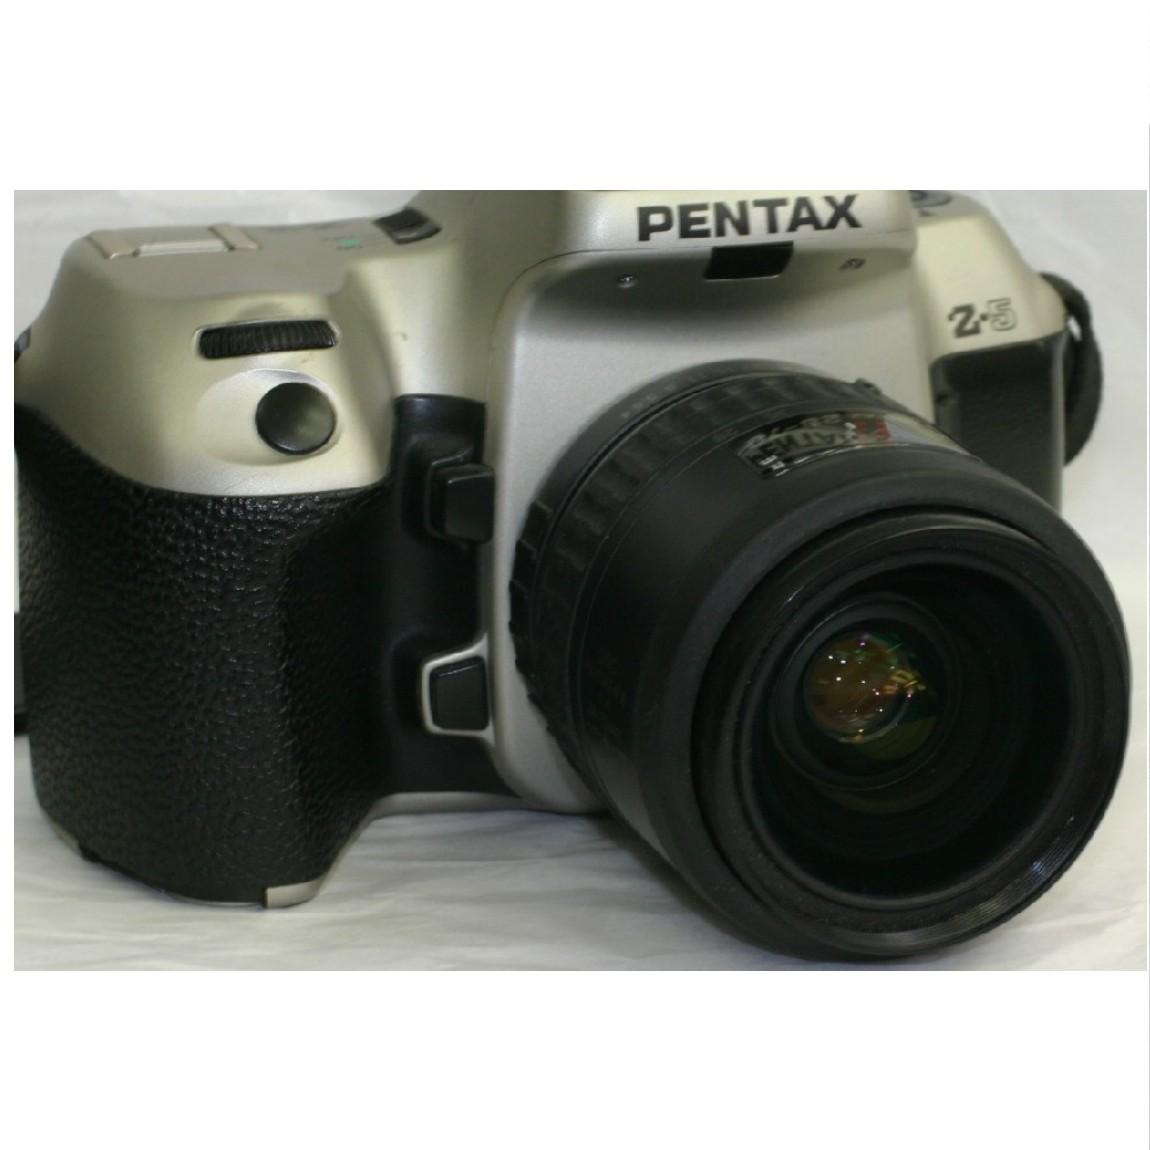 【中古】完動美品ペンタックス35mmフィルム使用AFカメラZ-5に純正レンズ35-70mm付きセット動作確認済み1ヶ月保証付き 290604-5